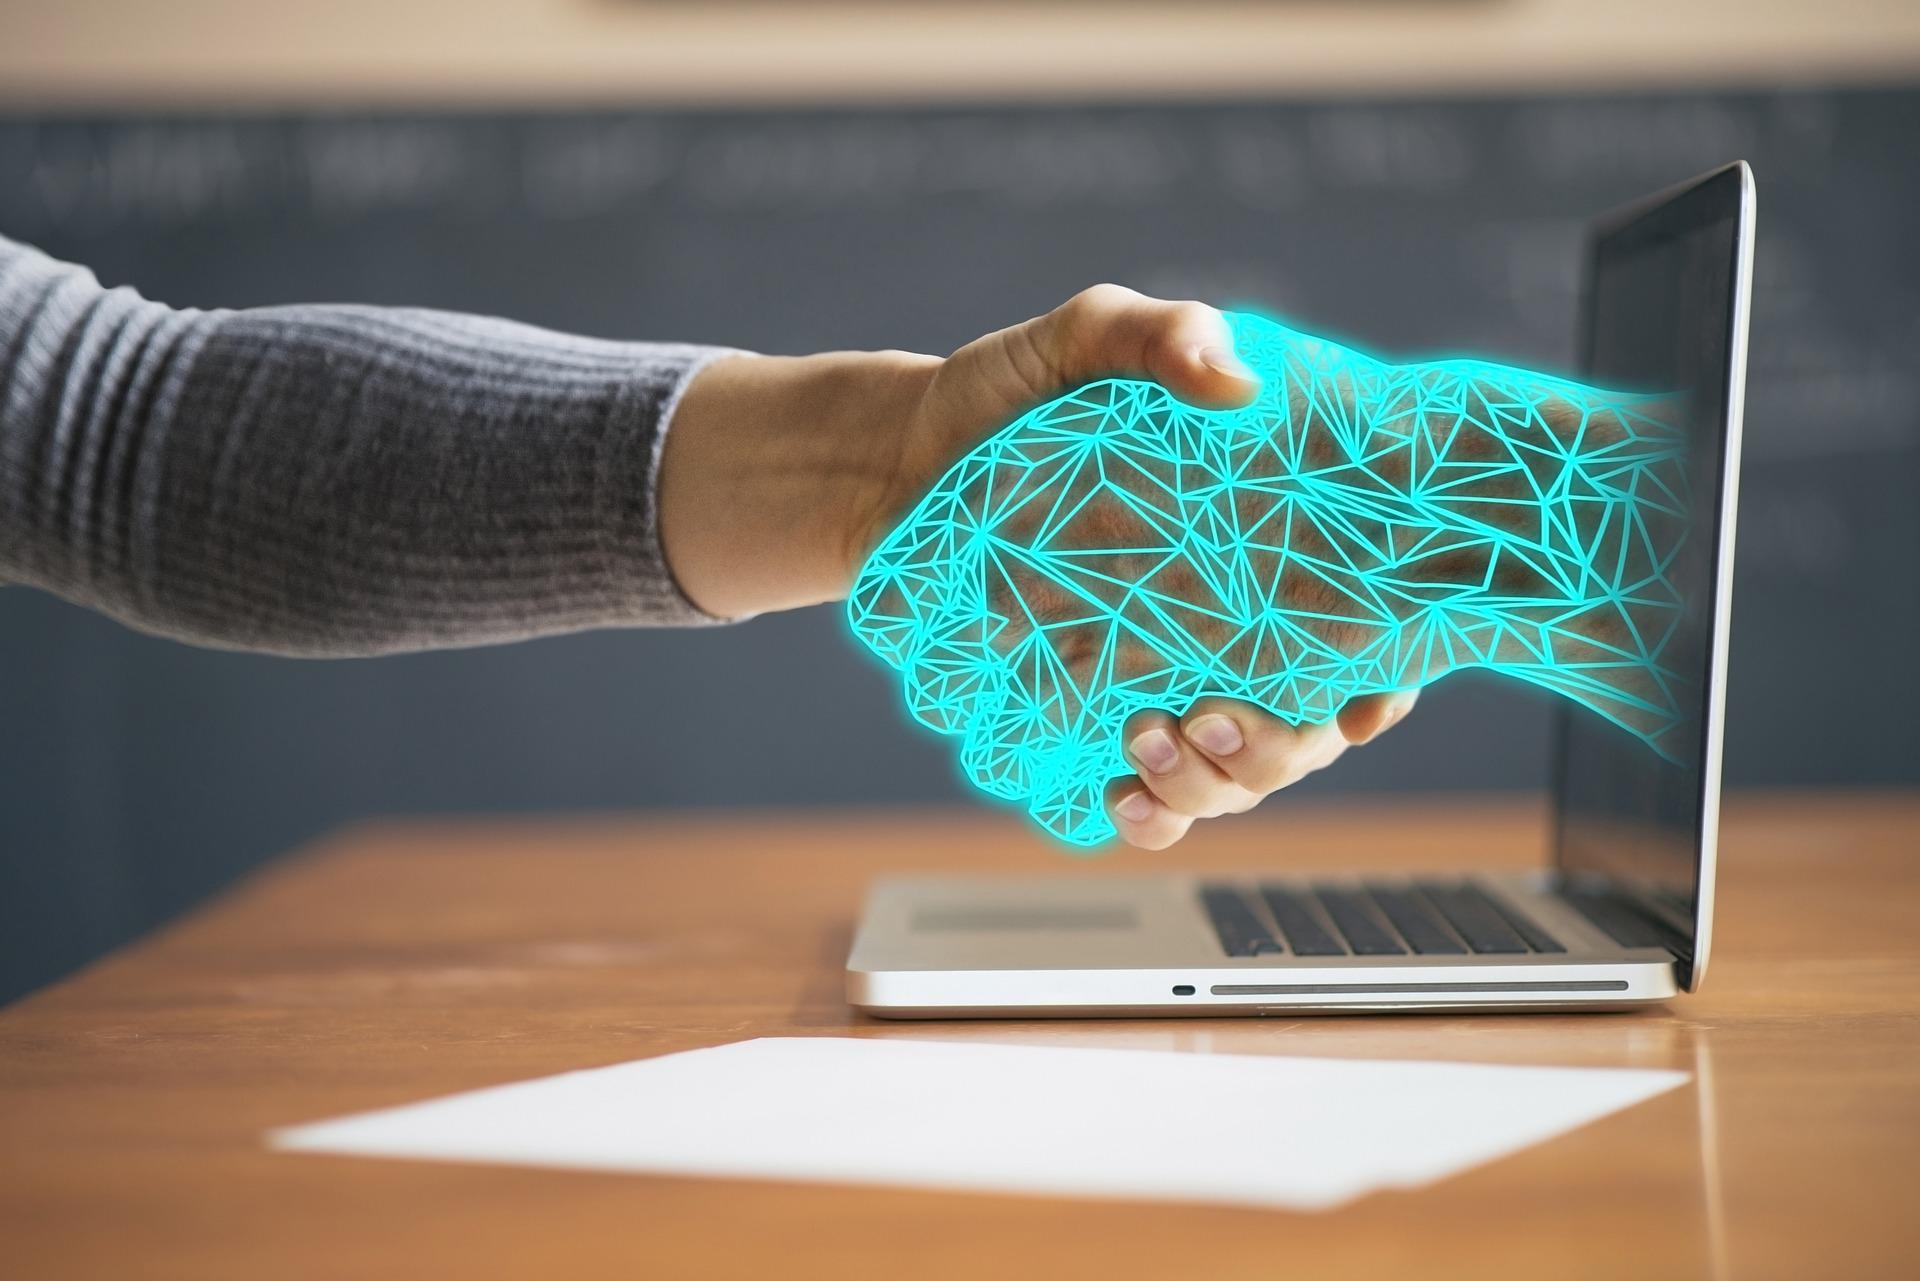 Eine digitale und eine menschliche Hand geben sich die Hand durch einen Laptop